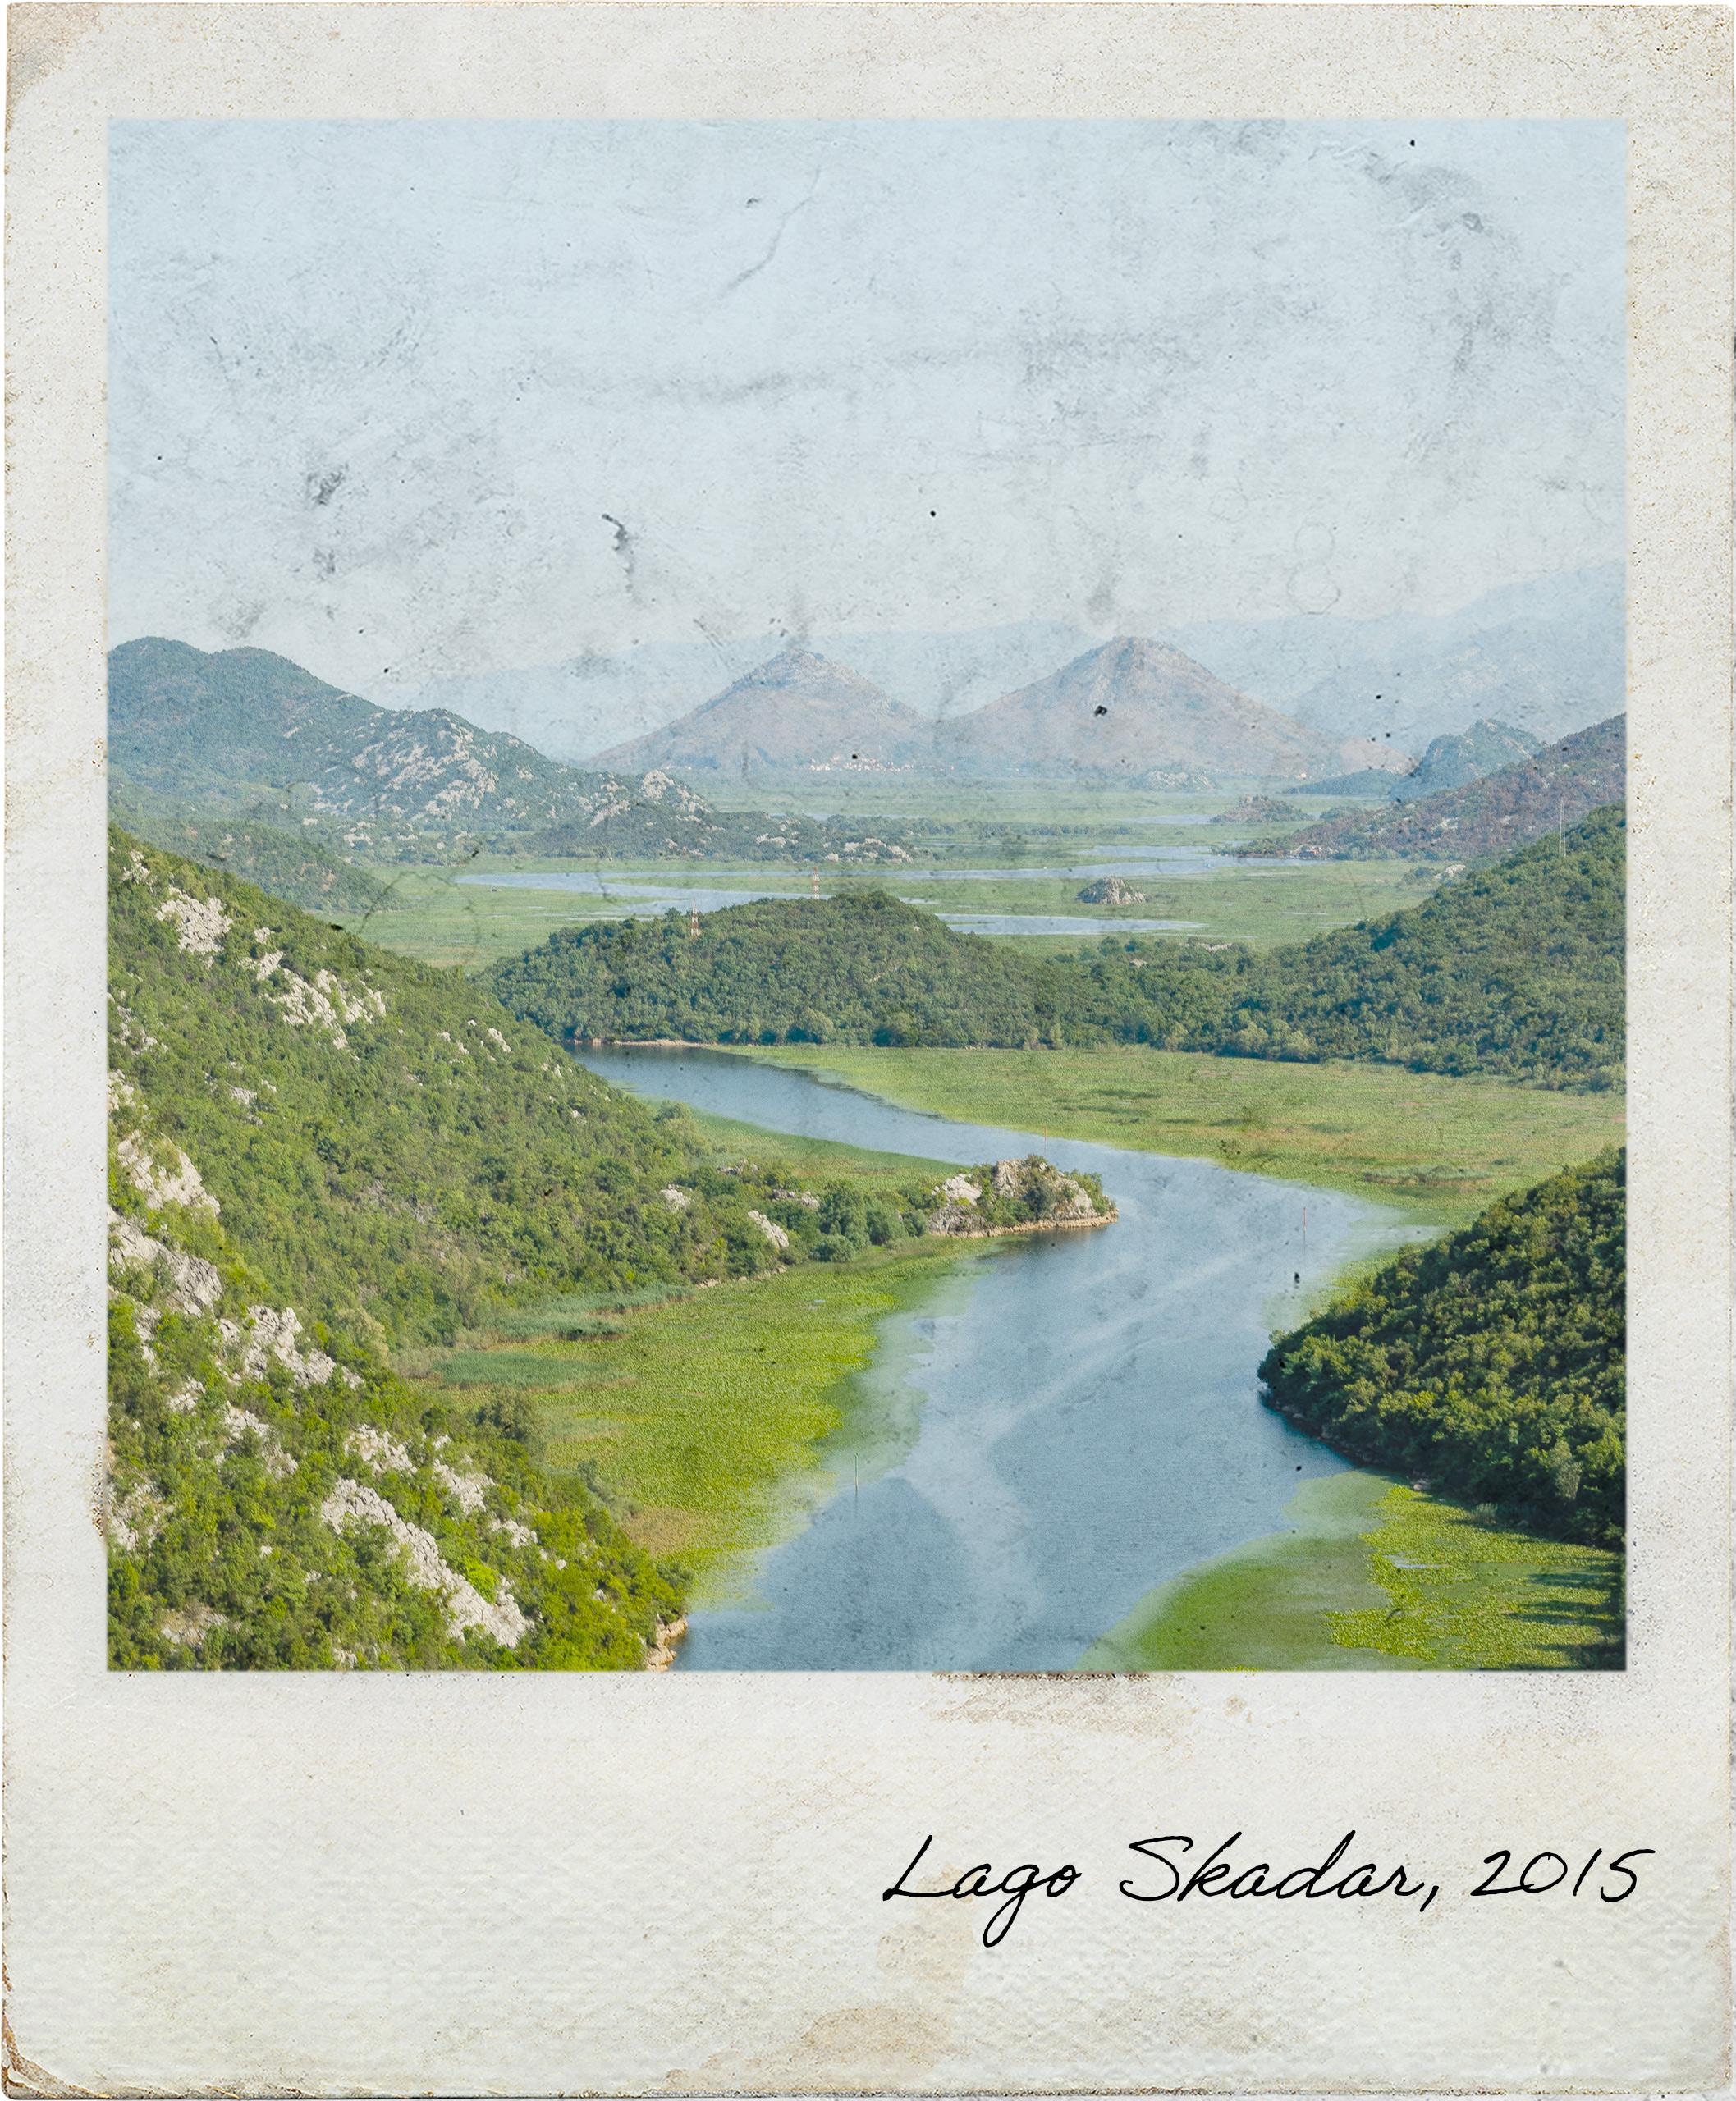 Vista no Parque Nacional do Lago Skadar